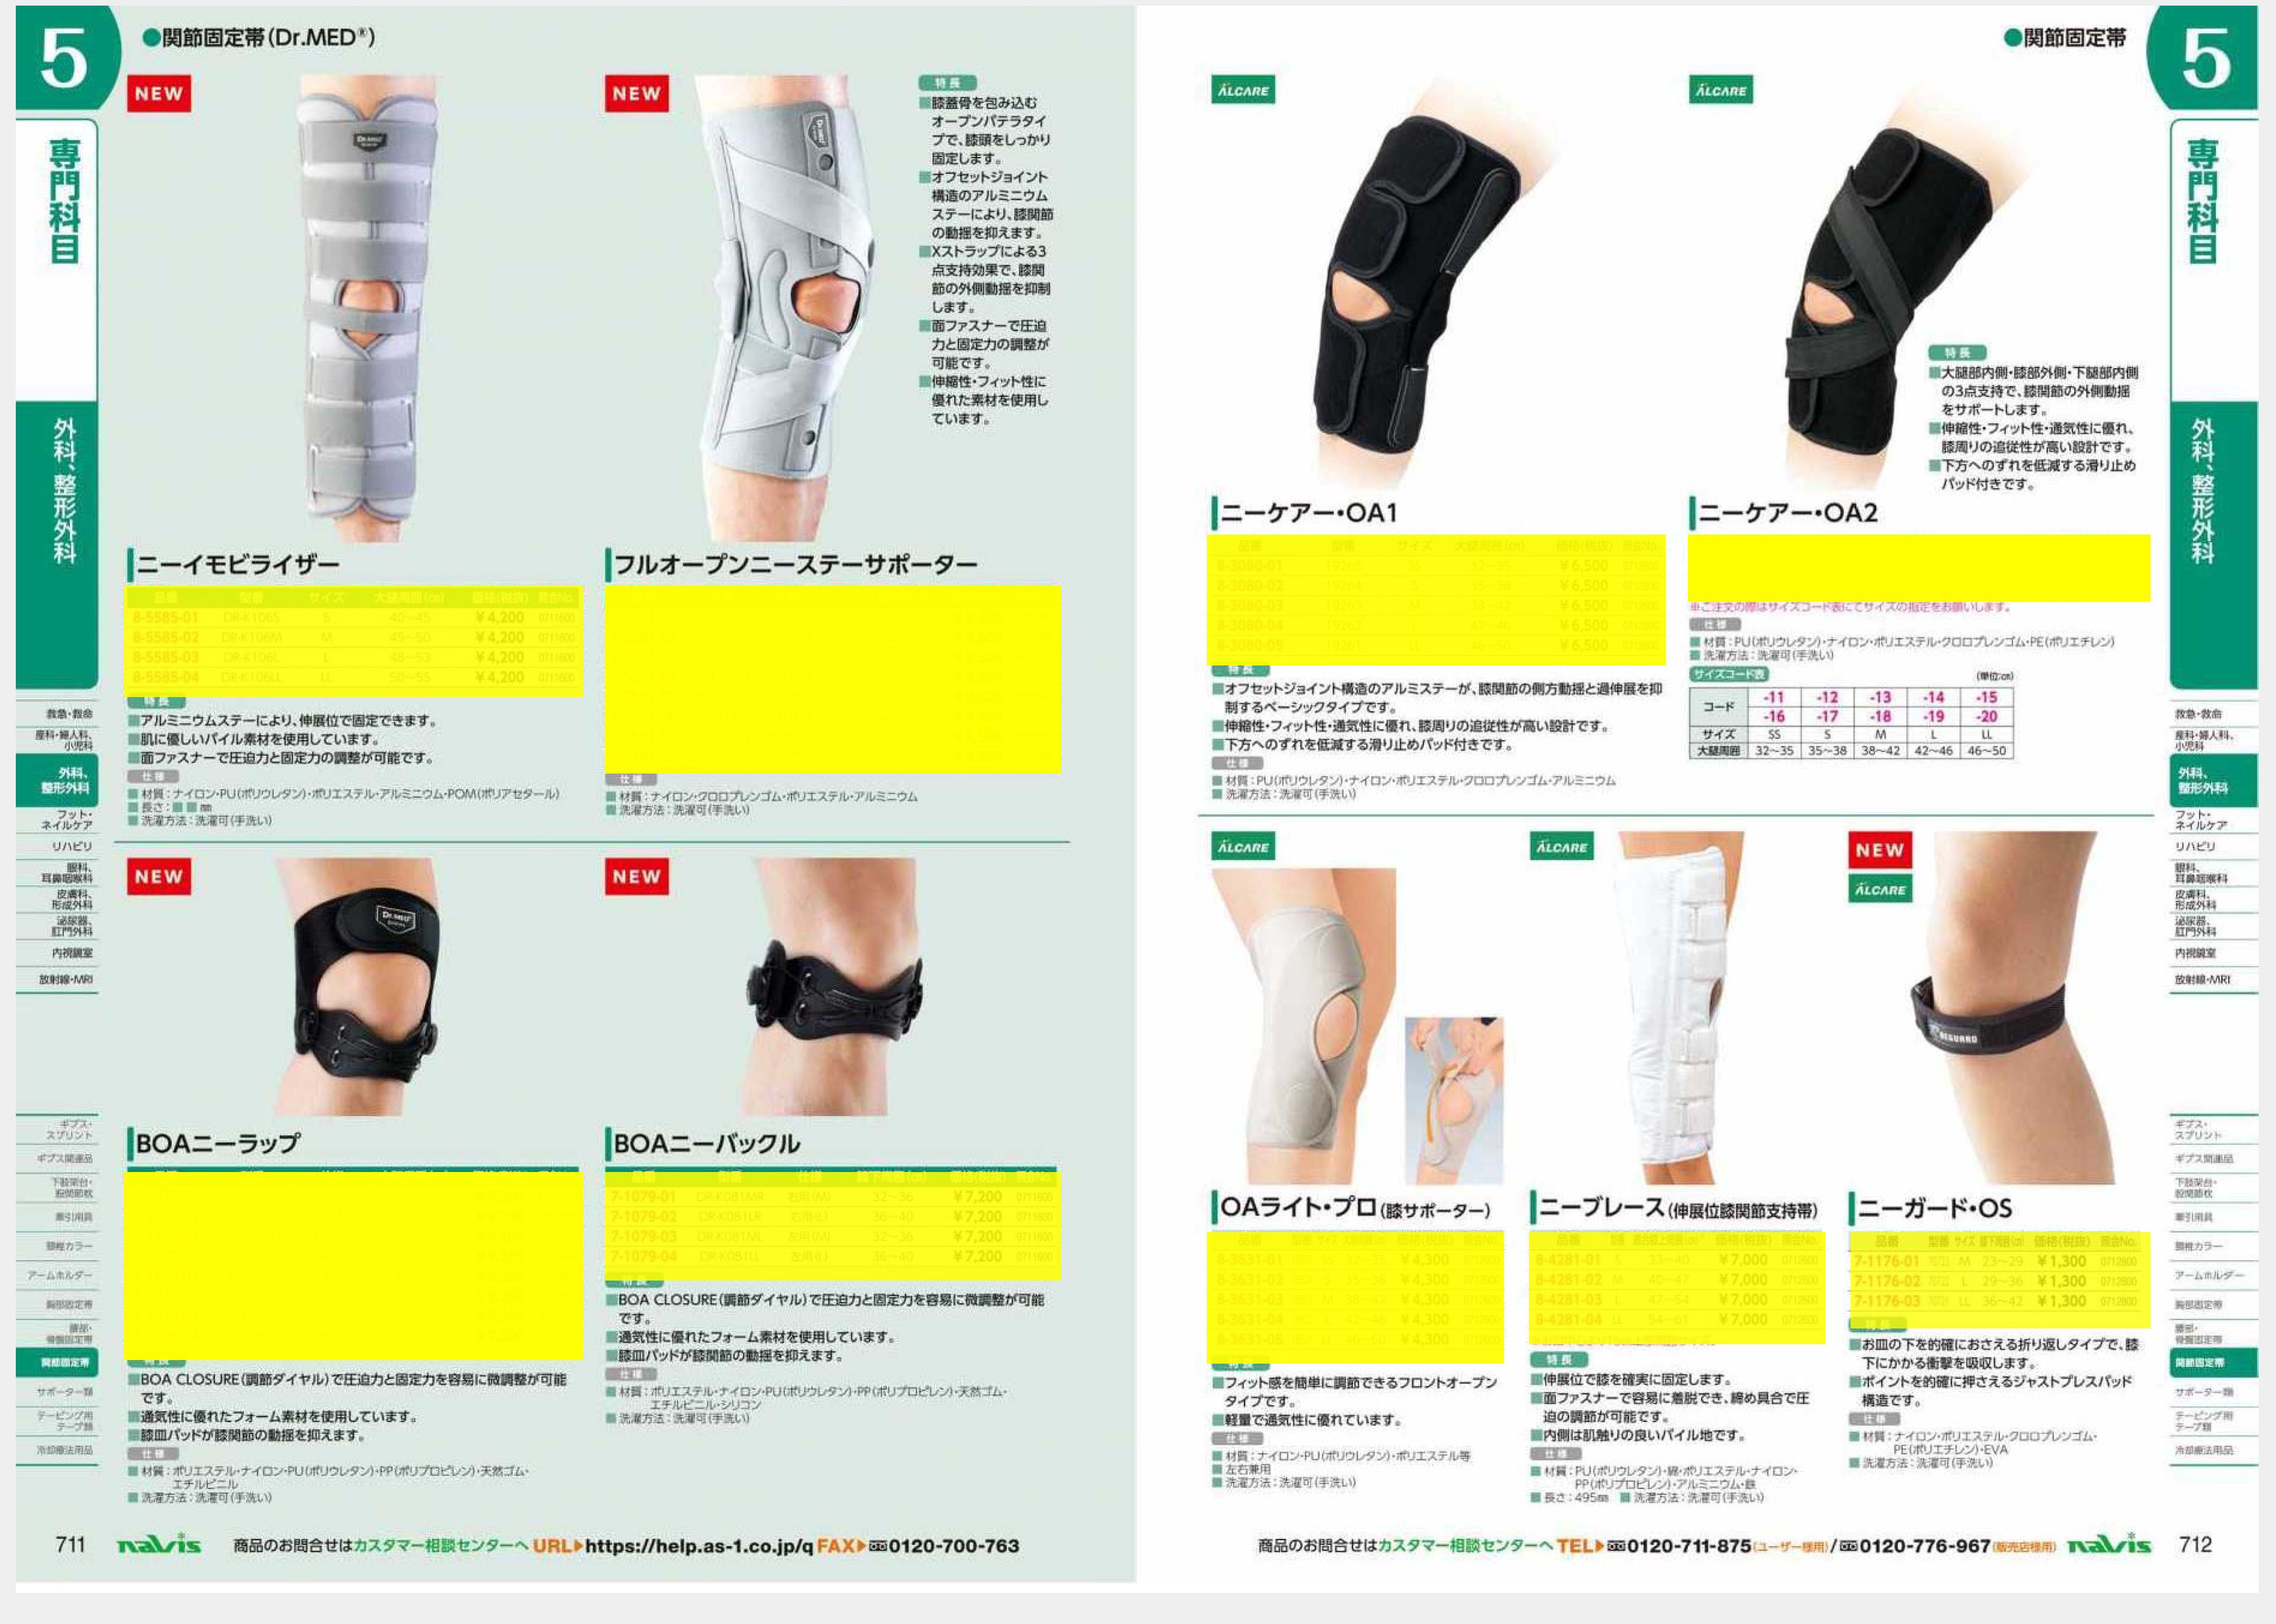 ナビス50000 Dr.MED 7-1078-02 BOAニーラップ(Dr.MED(R)) 左用(M)[個](as1-7-1078-02)